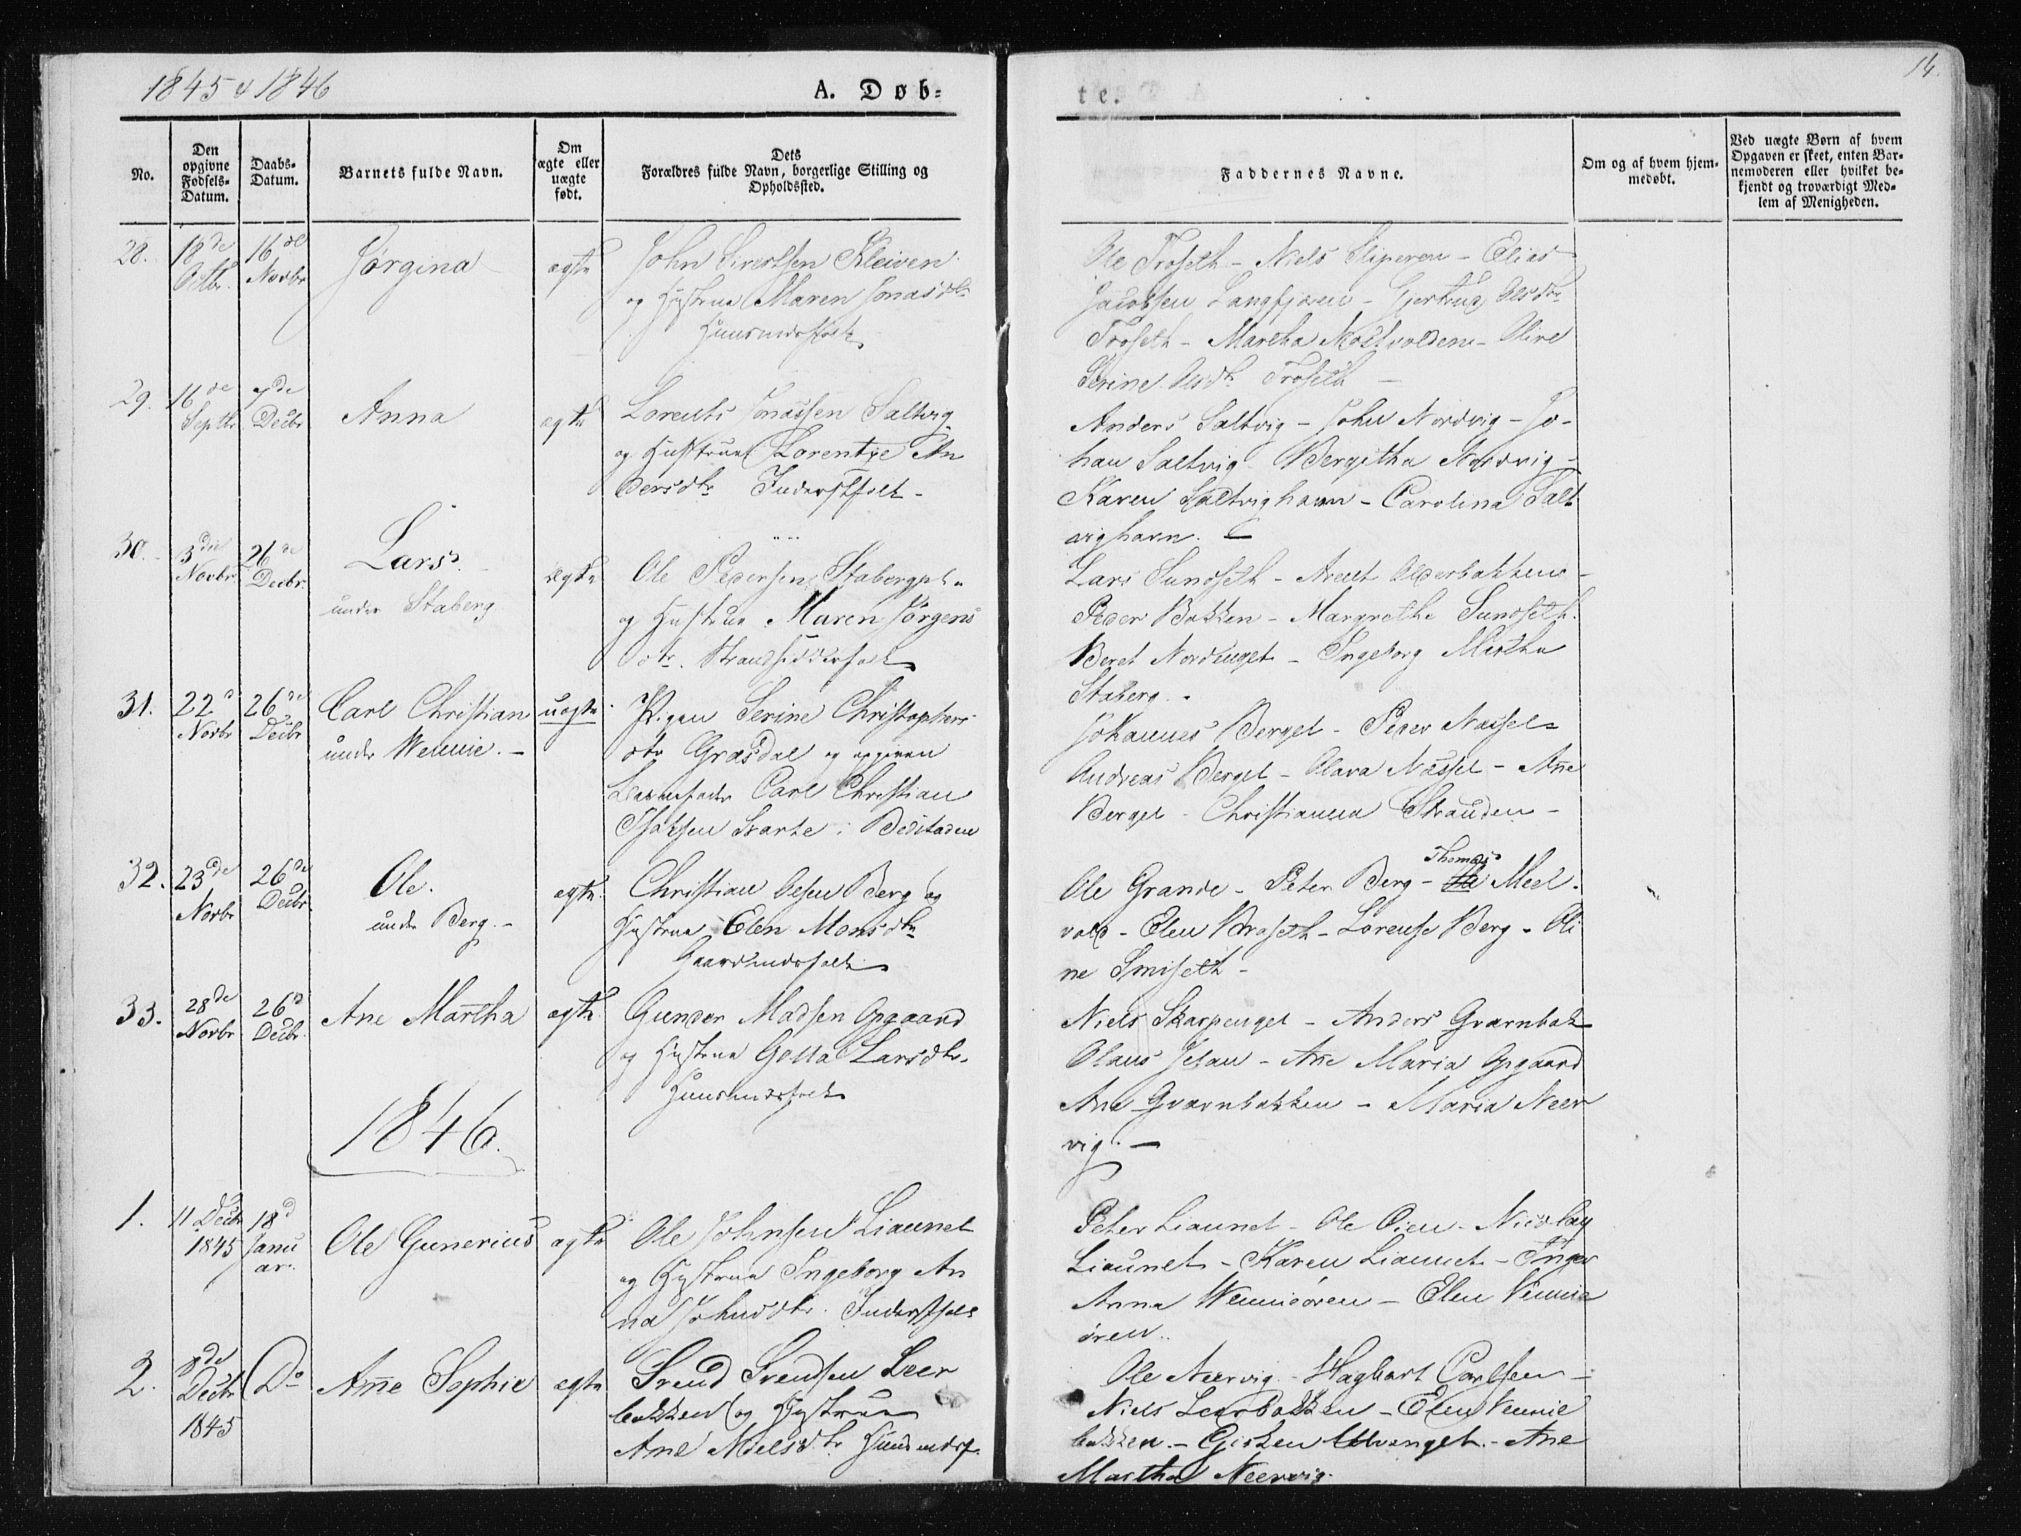 SAT, Ministerialprotokoller, klokkerbøker og fødselsregistre - Nord-Trøndelag, 733/L0323: Ministerialbok nr. 733A02, 1843-1870, s. 14